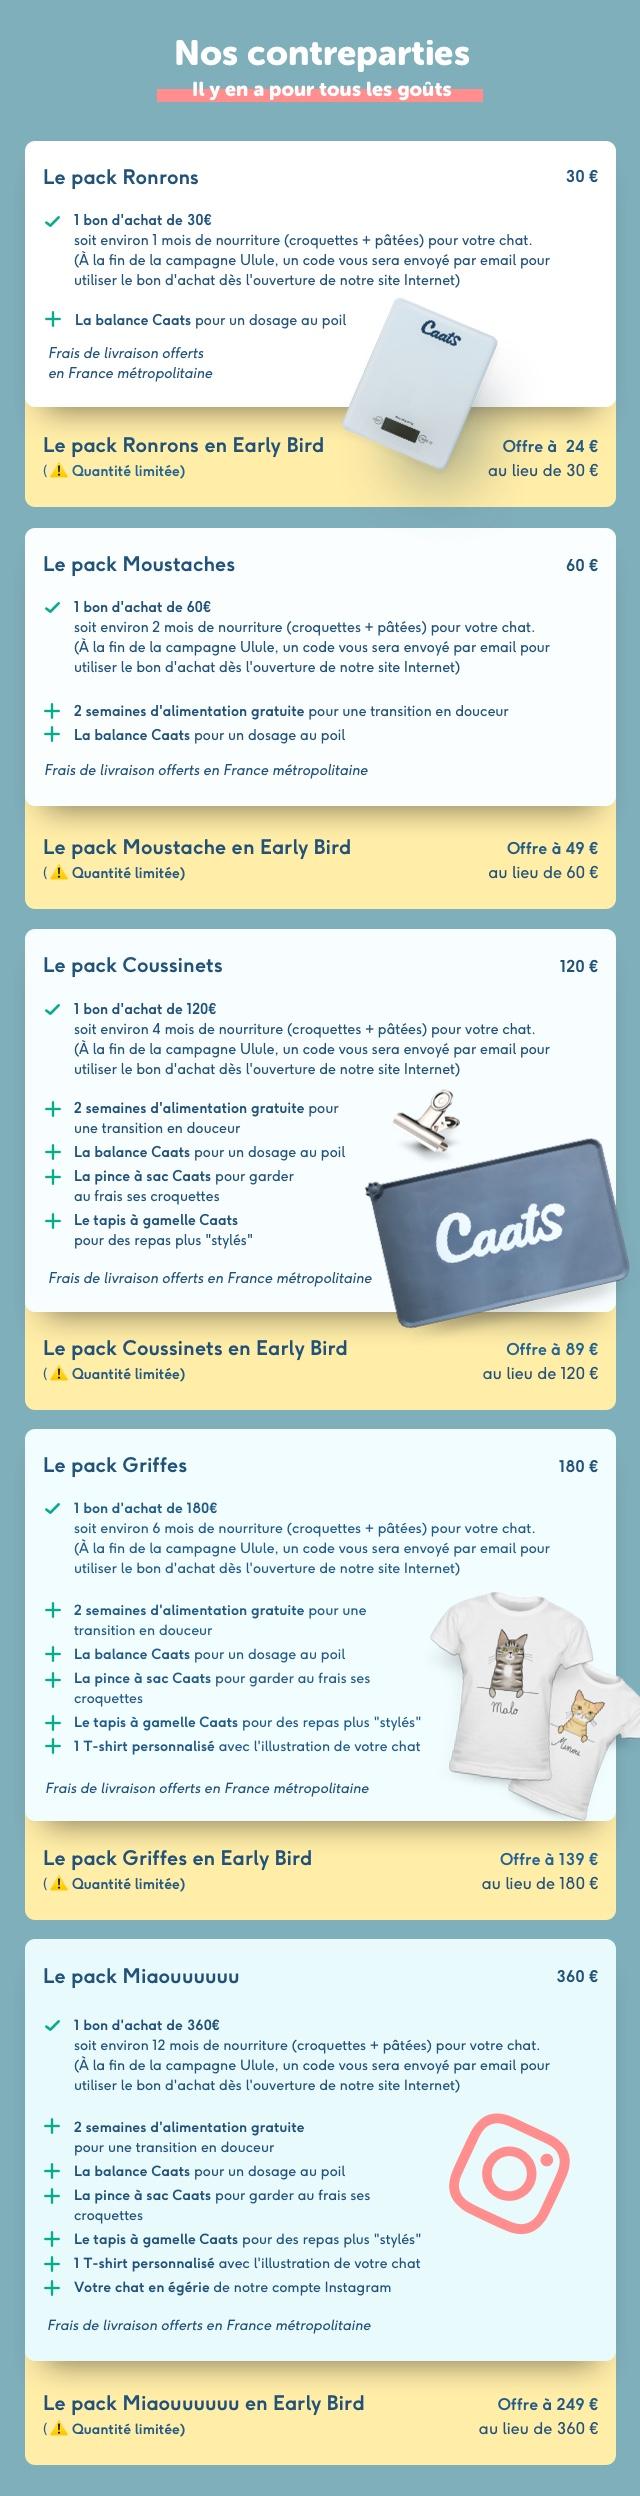 """Nos contreparties en a pour tous les gouts Le pack Ronrons 1bon d 'achat de soit environ mois de nourriture (croquettes + patees) pour votre chat. (A la fin de la campagne Ulule, un code sera envoye par email pour utiliser le bon d 'achat des l'ouverture de notre site Internet) + La balance Caats pour un dosage au poil Frais de livraison offerts en France metropolitaine Le pack Ronrons en Early Bird Offre a 246 Quantite limitee) au lieu de 30 Le pack Moustaches 60 bon d 'achat de 606 soit environ 2 mois de nourriture (croquettes + patees) pour votre chat (Al fin de la campagne Ulule. un code sera envoye par email pour utiliser le bon d achat des l'ouverture de notre site Internet) 2 semaines d'alimentation gratuite pour une transition en douceur La balance Caats pour un dosage poil Frais de livraison offerts en France metropolitaine Le pack Moustache en Early Bird Offre a 49 Quantite limitee) lieu de 606 Le pack Coussinets 1bon d' 'achat de 1206 soit environ 4 mois de nourriture (croquettes + patees) pour votre chat. (A fin de la campagne Ulule, un code sera envoye par email pour utiliser le bon 'achat des l'ouverture de notre site Internet) 2 semaines d'alimentation gratuite pour une transition en douceur La balance Caats pour un dosage poil La pince a sac Caats pour garder frais ses croquettes + Le tapis a gamelle Caats pour des repas plus """"styles"""" Caats Frais de livraison offerts en France metropolitaine Le pack Coussinets en Early Bird Offre a 89 Quantite limitee) lieu de 120 Le pack Griffes 180 bon d 'achat de 1806 soit environ 6 mois de nourriture (croquettes patees) pour votre chat. (A fin de la campagne Ulule, un code sera envoye par email pour utiliser le bon d achat des T'ouverture de notre site Internet) 2 semaines d'alimentation gratuite pour une transition en douceur La balance Caats pour un dosage poil La pince a sac Caats pour garder frais ses croquettes Le tapis a gamelle Caats pour des repas plus """"styles"""" 1T-shirt personnalise avec l'illustration de"""